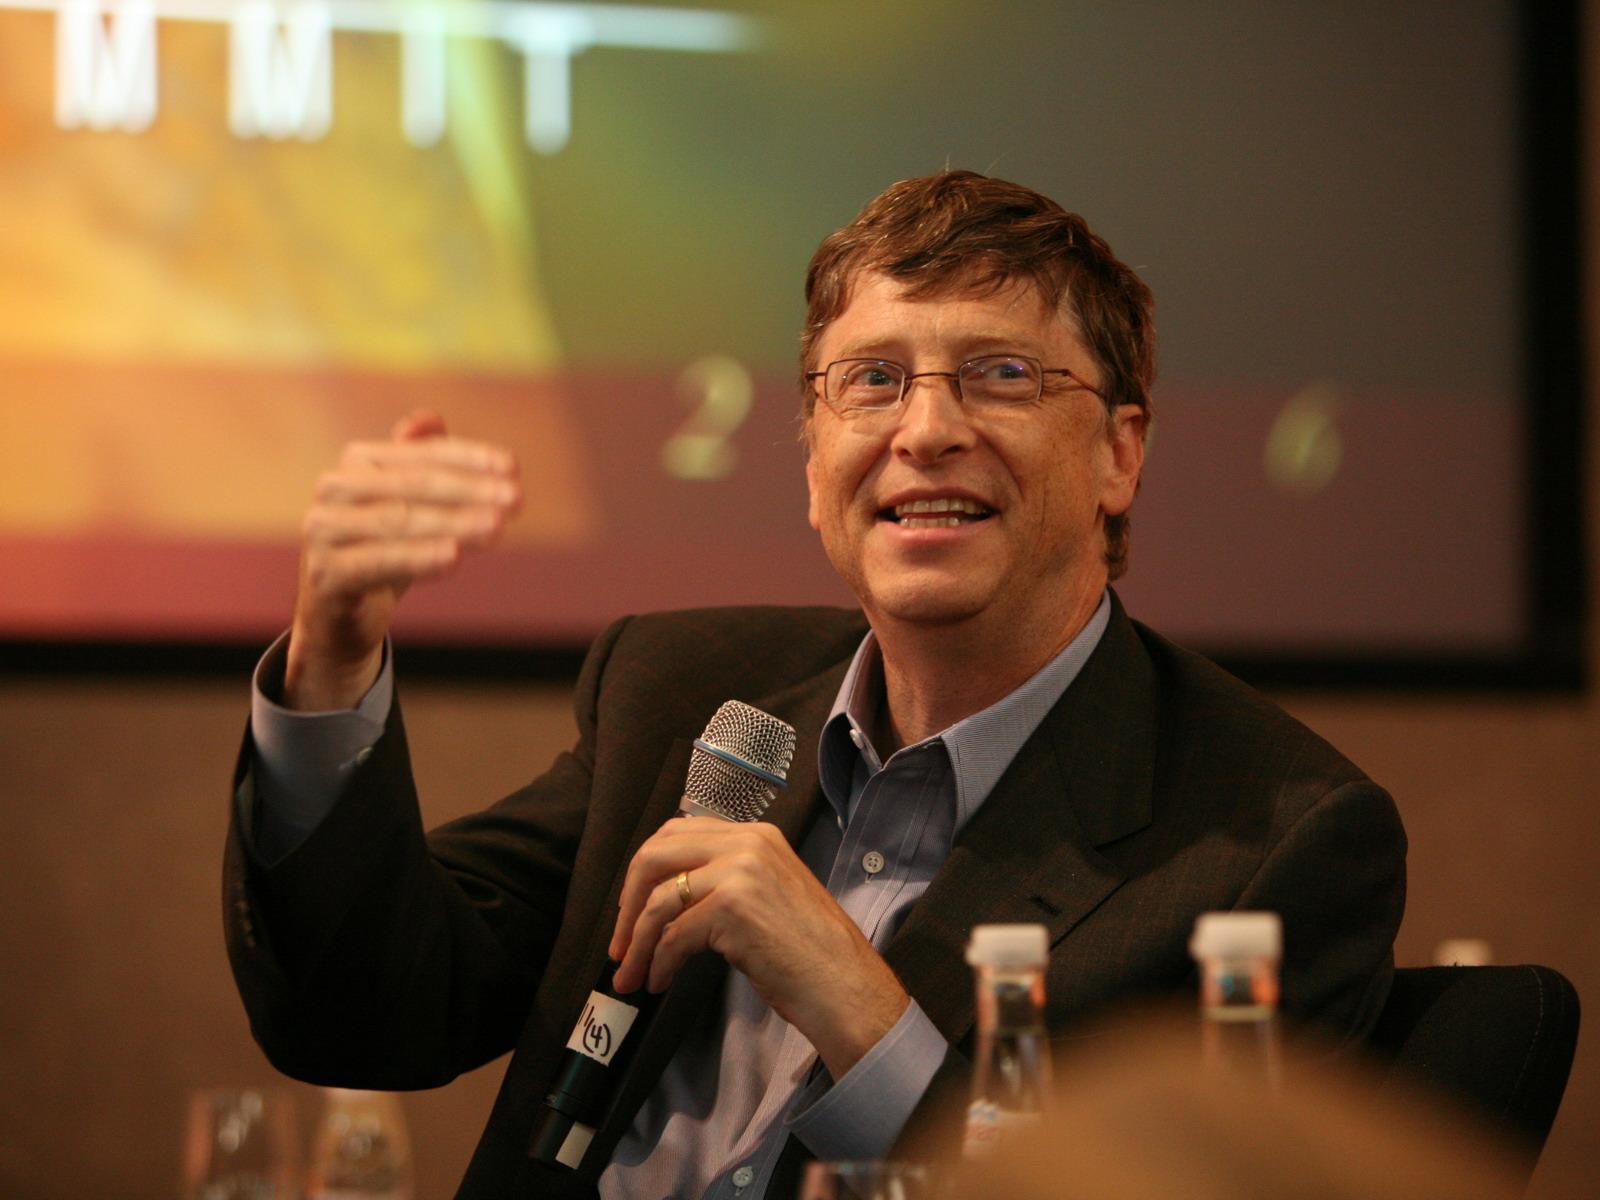 Bill Gates 40 il öncəki gənc Billə nə tövsiyə edərdi? - Bizplus.az